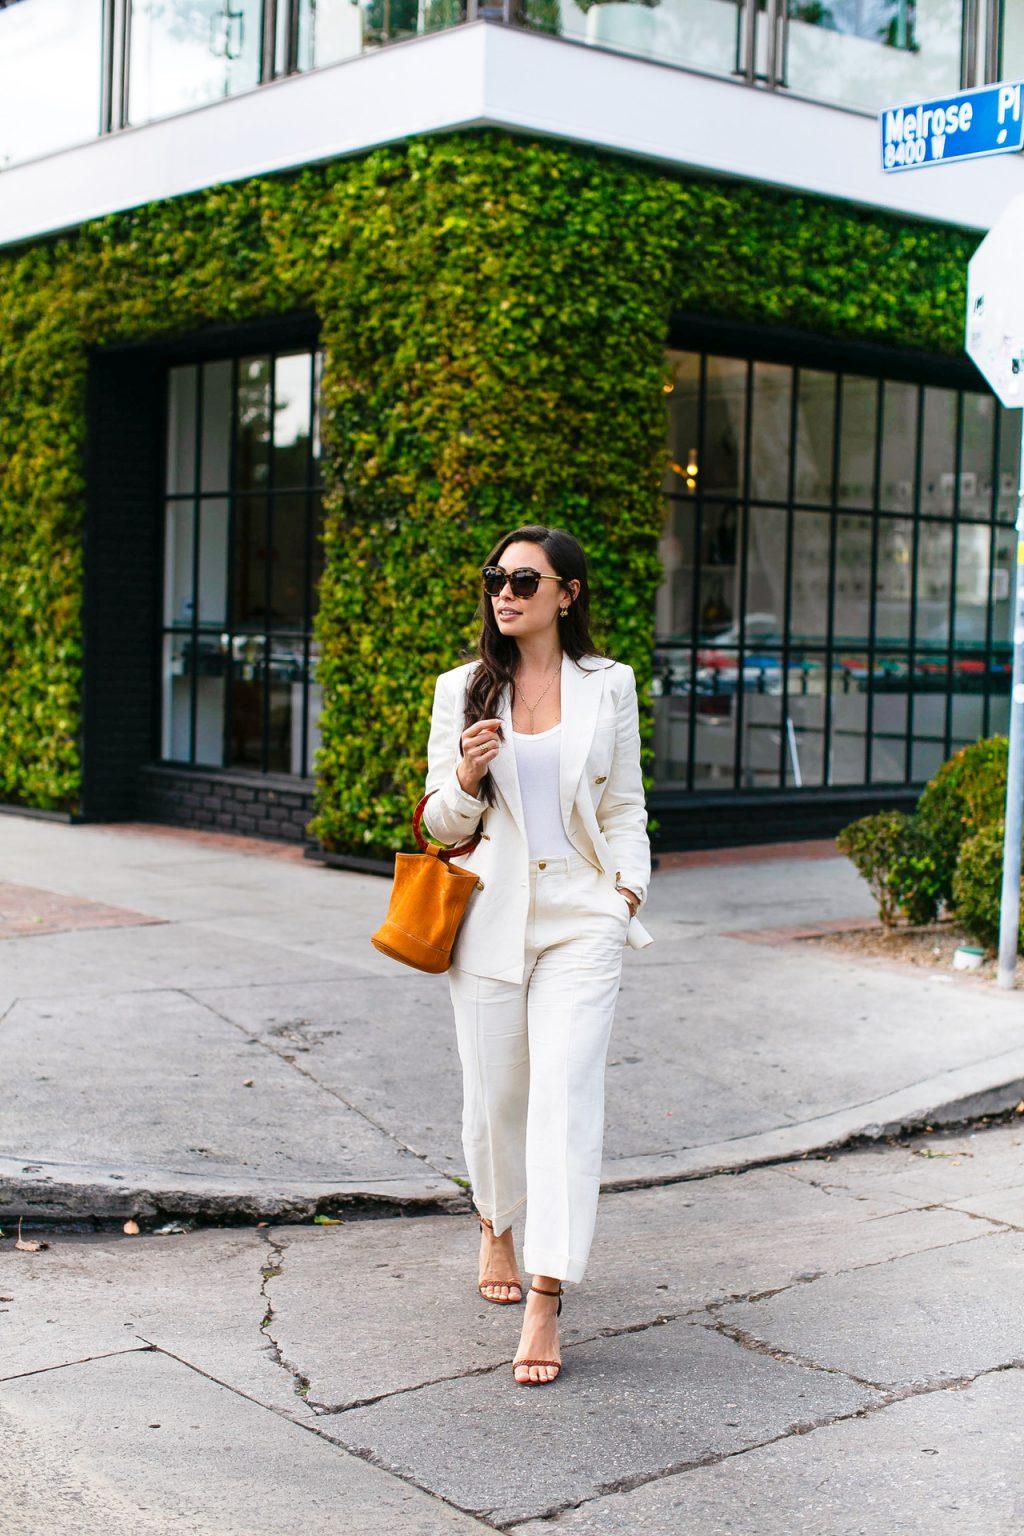 trang phục phỏng vấn suit màu trắng túi xách nâu